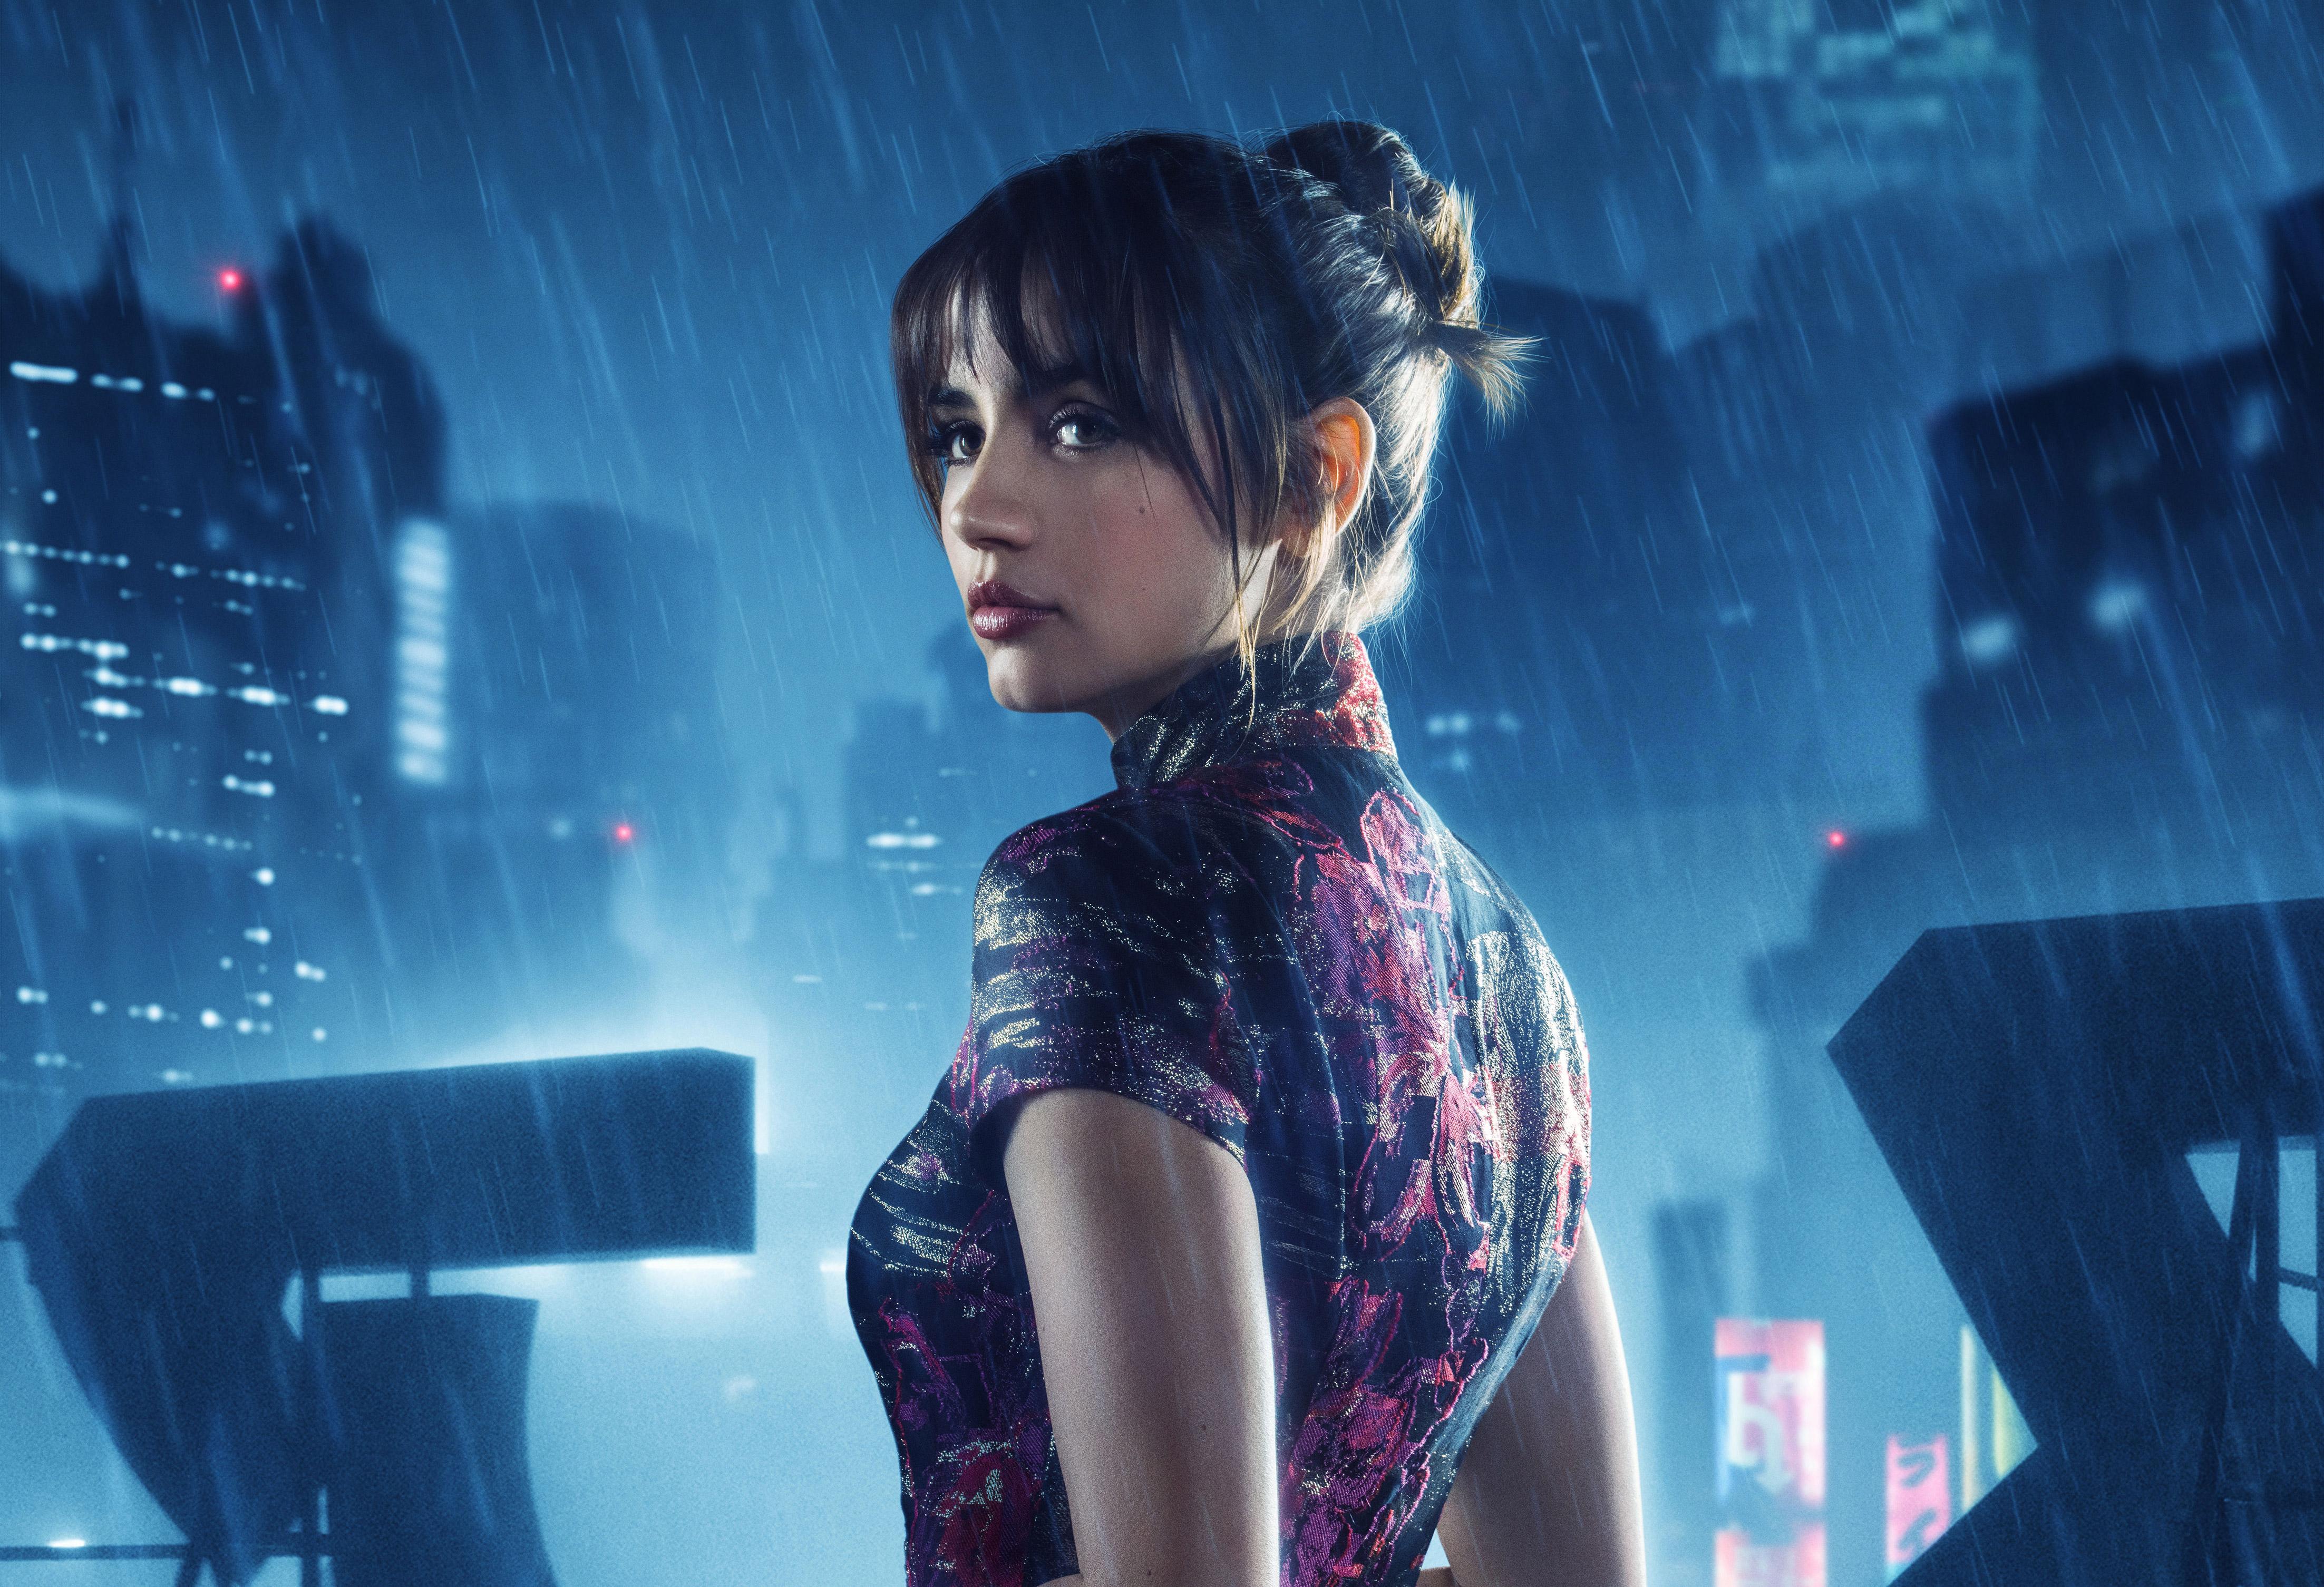 Blade Runner 2049 Hd Wallpaper: 1920x1080 Ana De Armas As Joi In Blade Runner 2049 4k